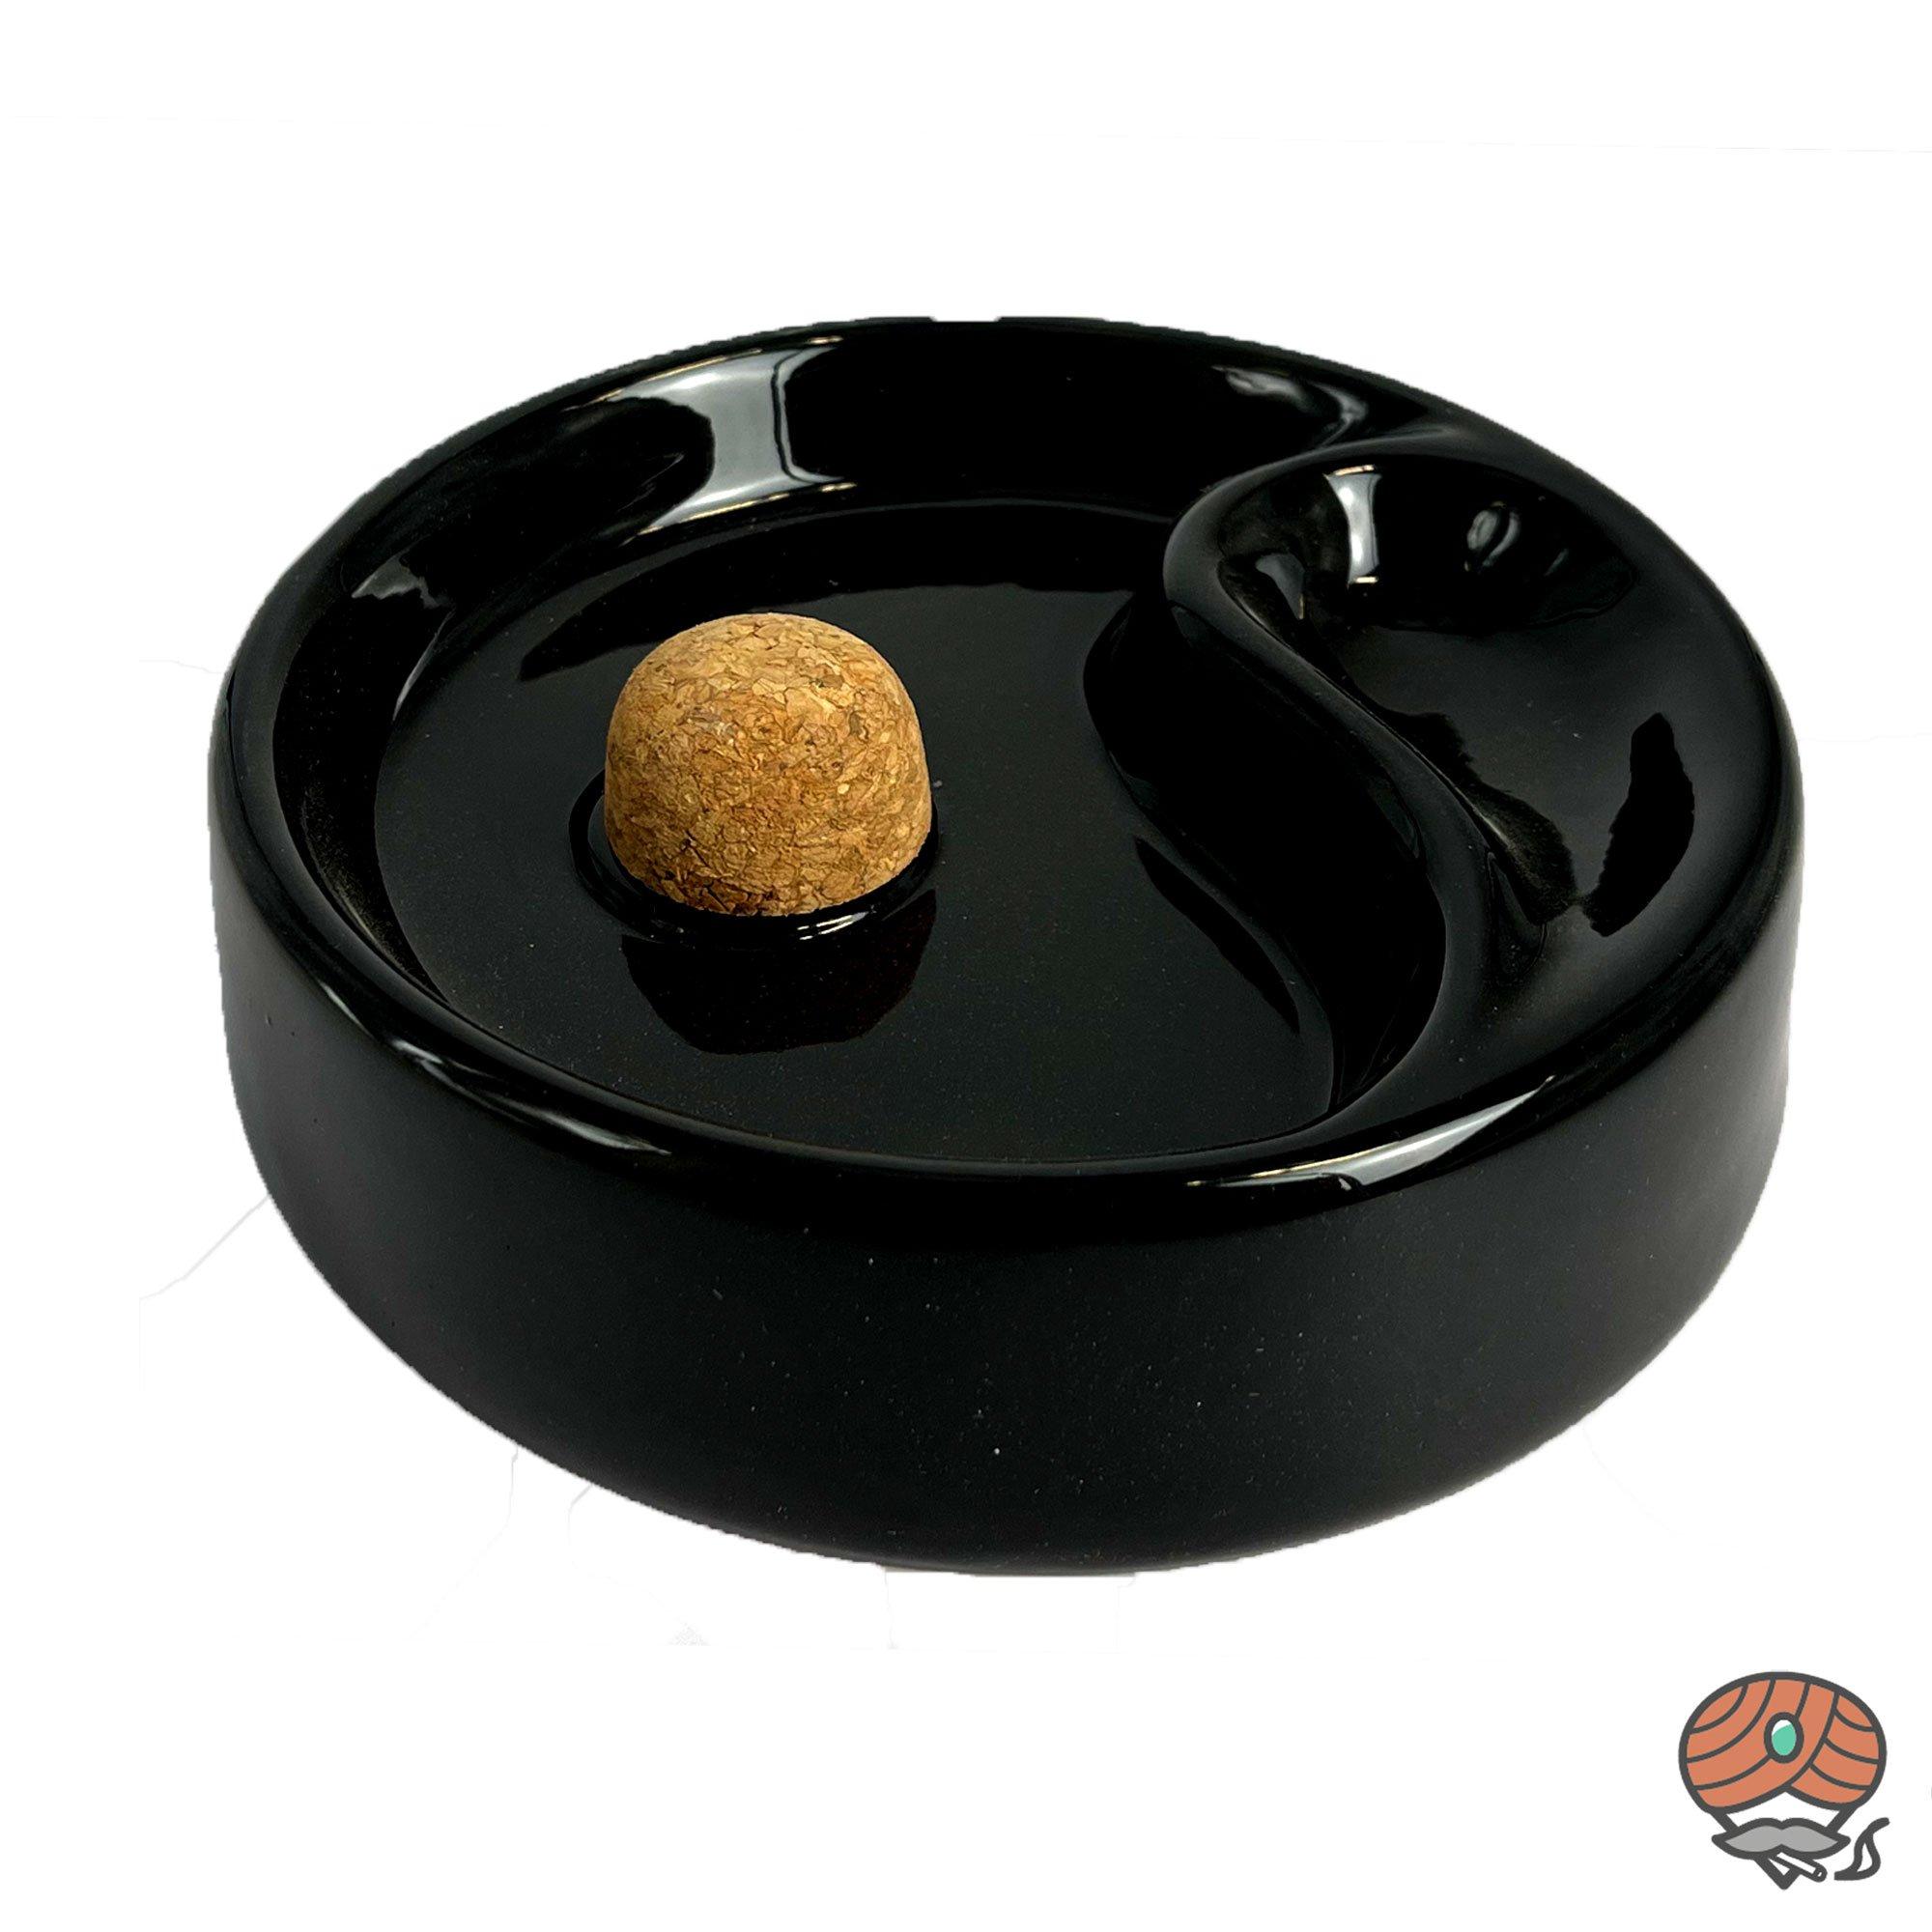 Angelo Keramik Pfeifenaschenbecher Durchmesser 16cm